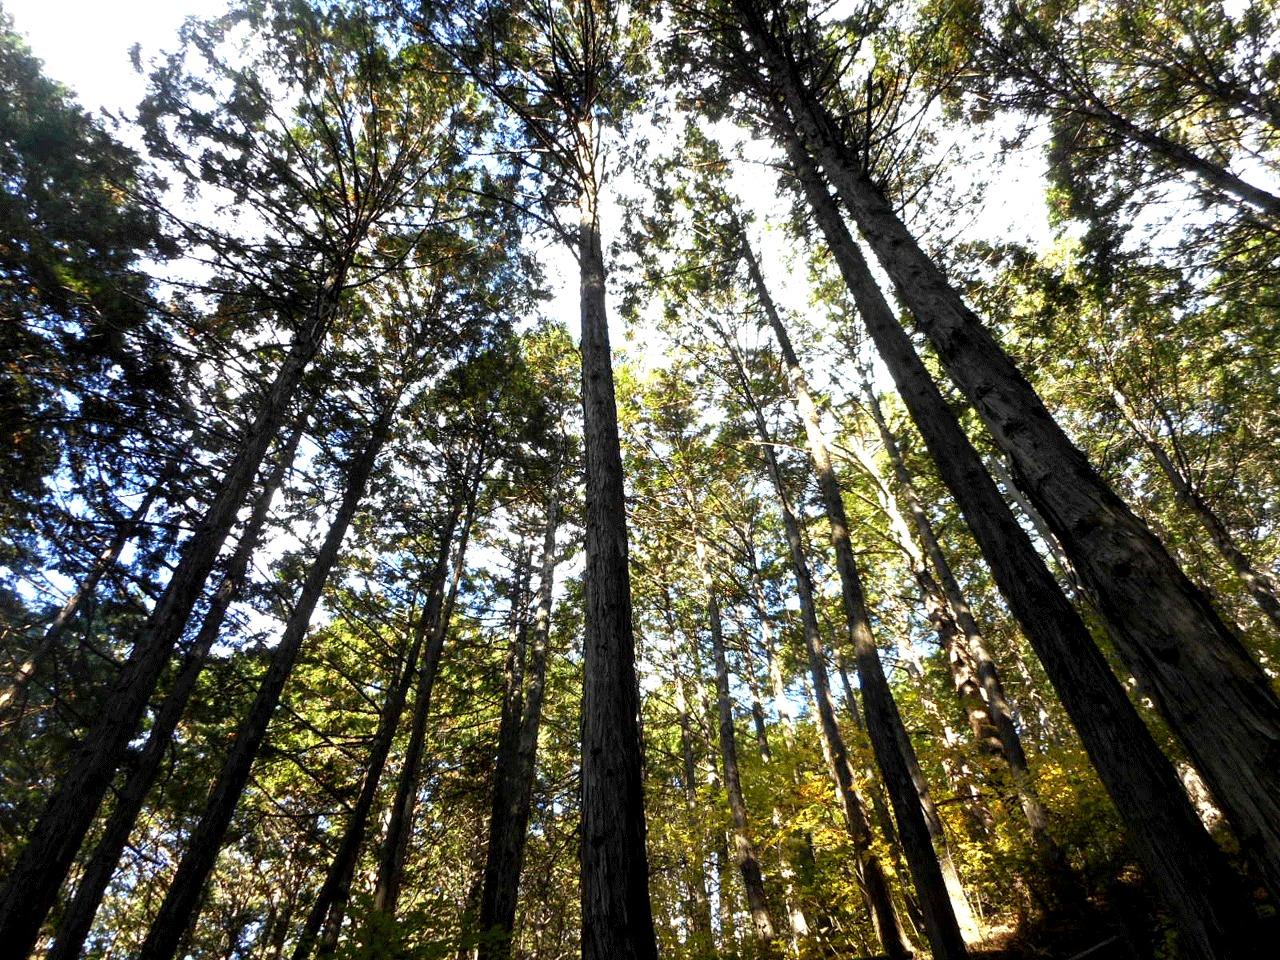 毎日マルチタスク状態が続くと、何となくメンタルがイライラ/そわそわしてきますが、森のなかにしばらくたたずむだけで、普段の心のざわざわが落ち着いていきます。